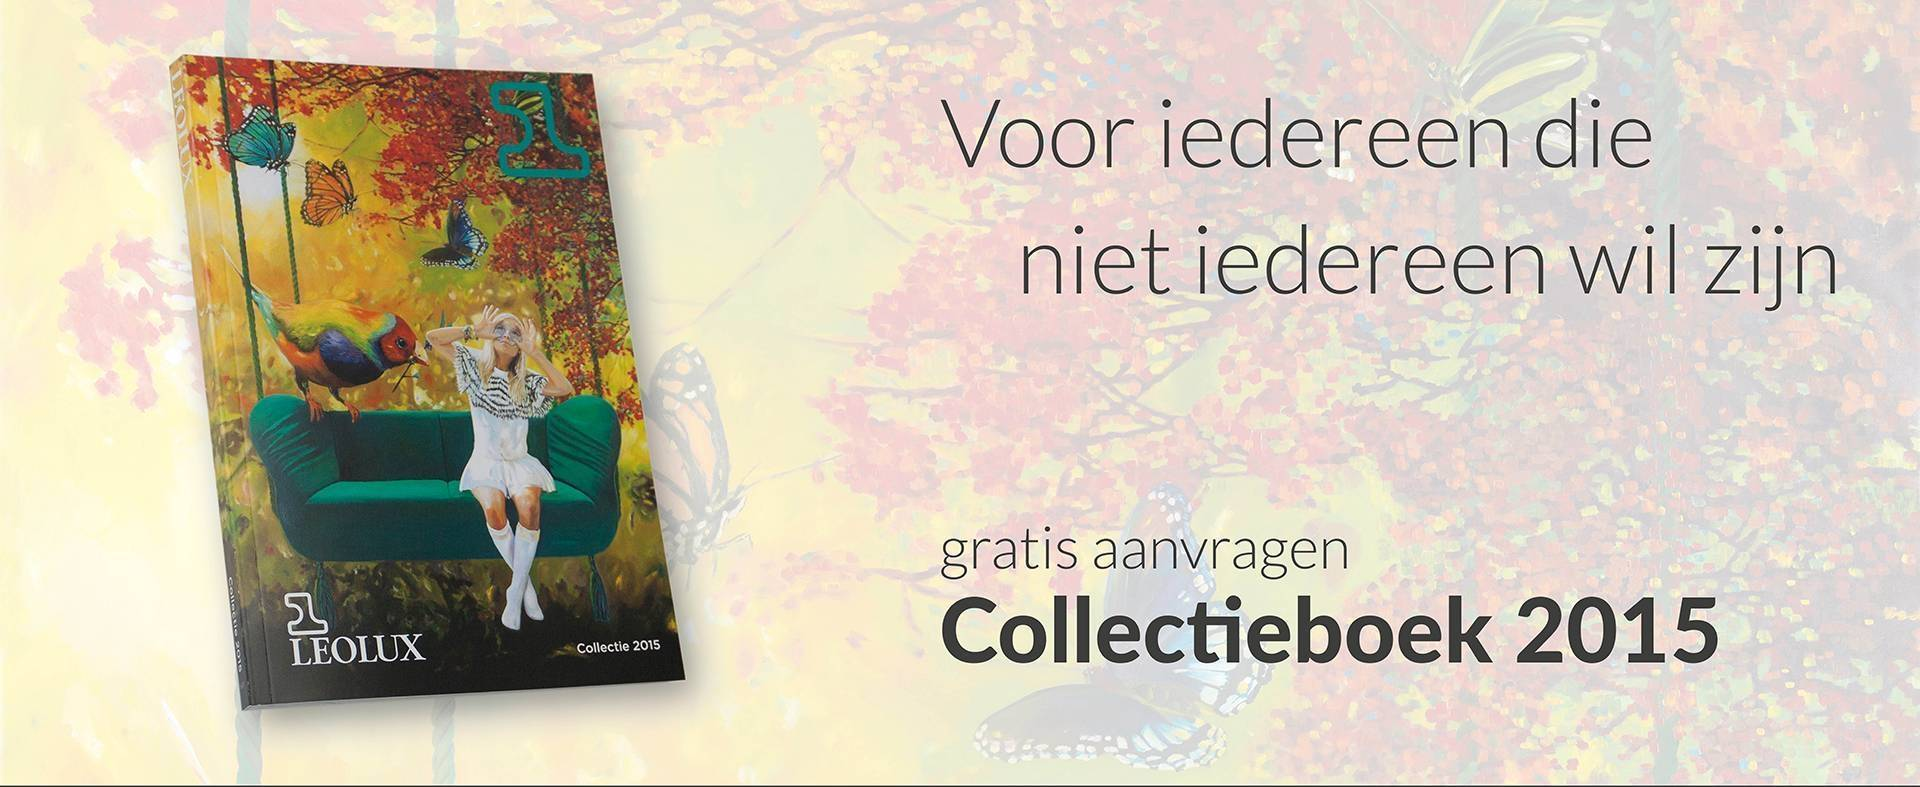 Gratis Leolux Collectieboek 2015 aanvragen